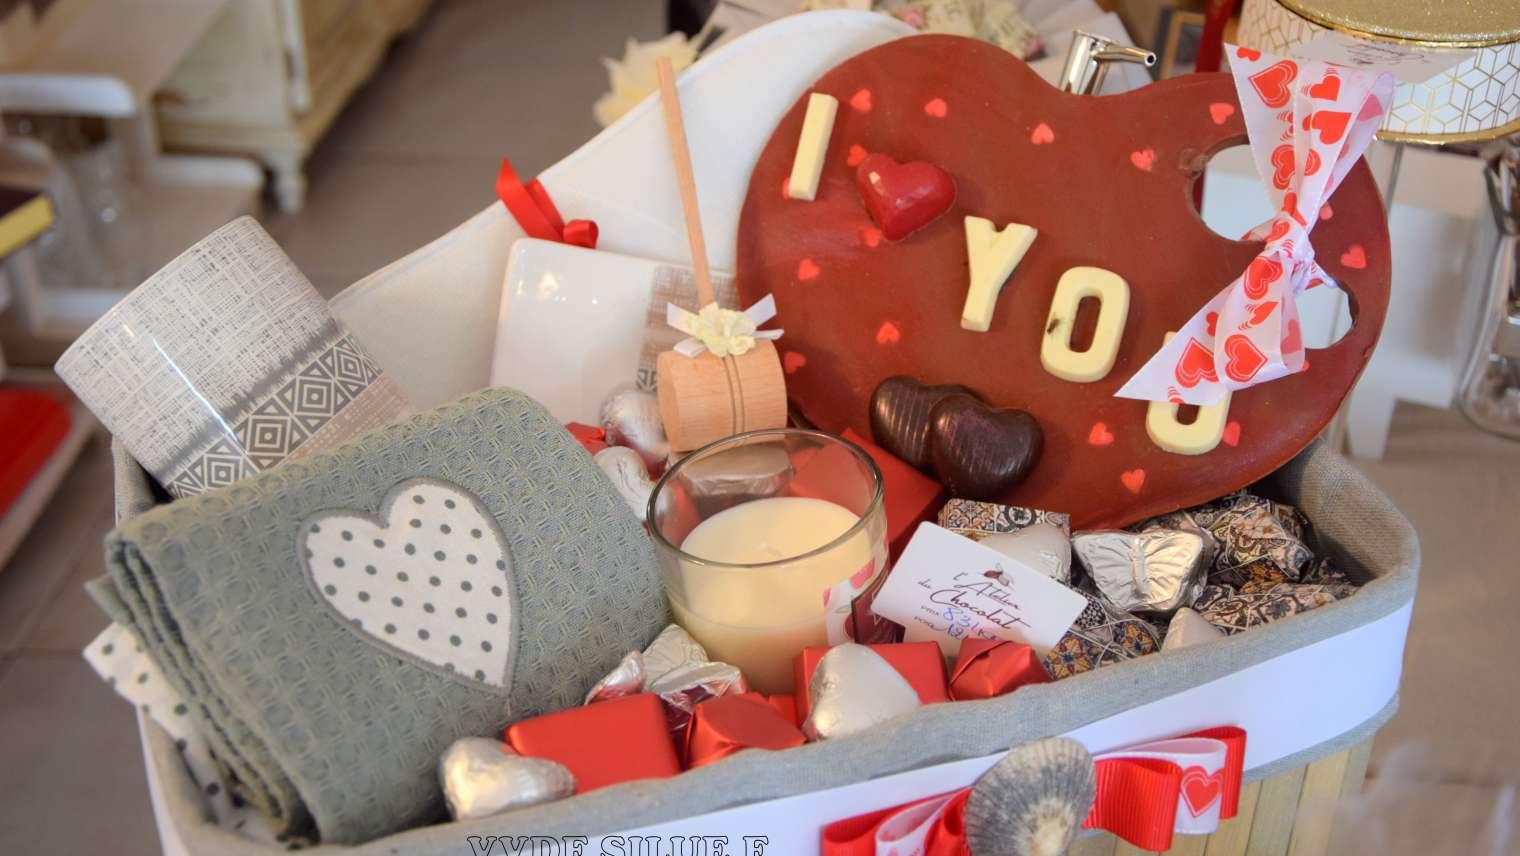 Saint valentin : pourquoi offrir du chocolat